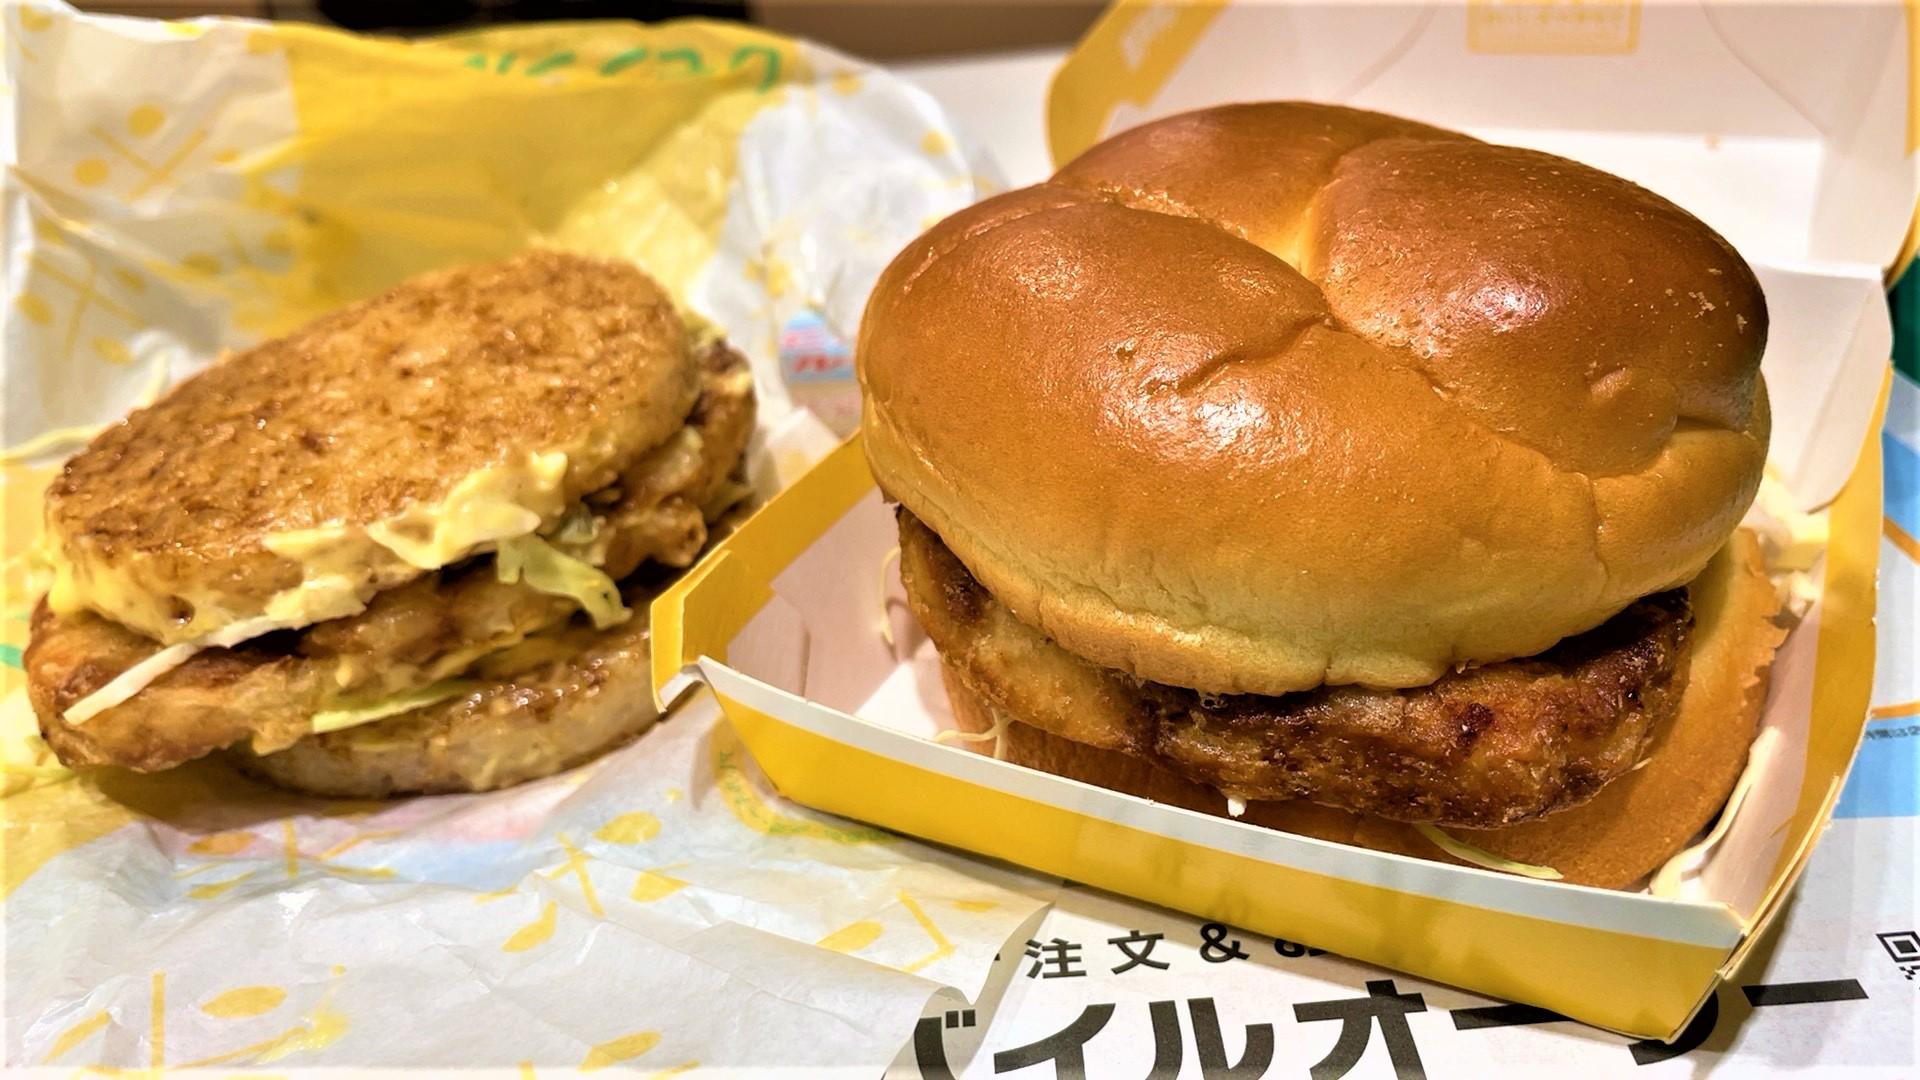 マクドナルドの新商品!チキンタツタ瀬戸内レモンタルタルを食べてみた【感想・口コミは?】